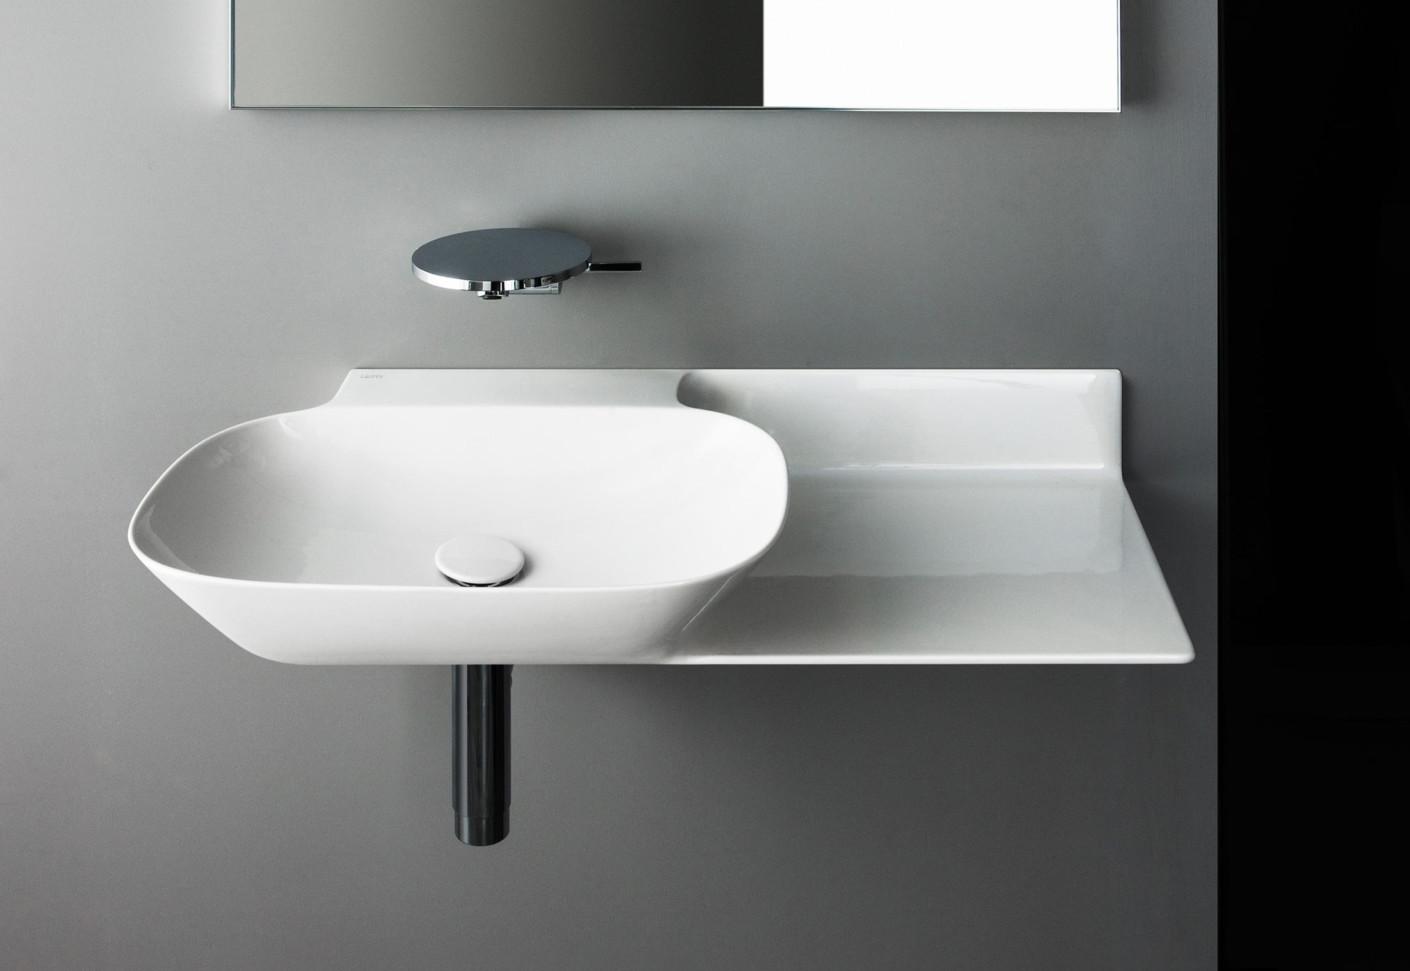 saphirkeramik ino waschtisch mit konsole von laufen stylepark. Black Bedroom Furniture Sets. Home Design Ideas